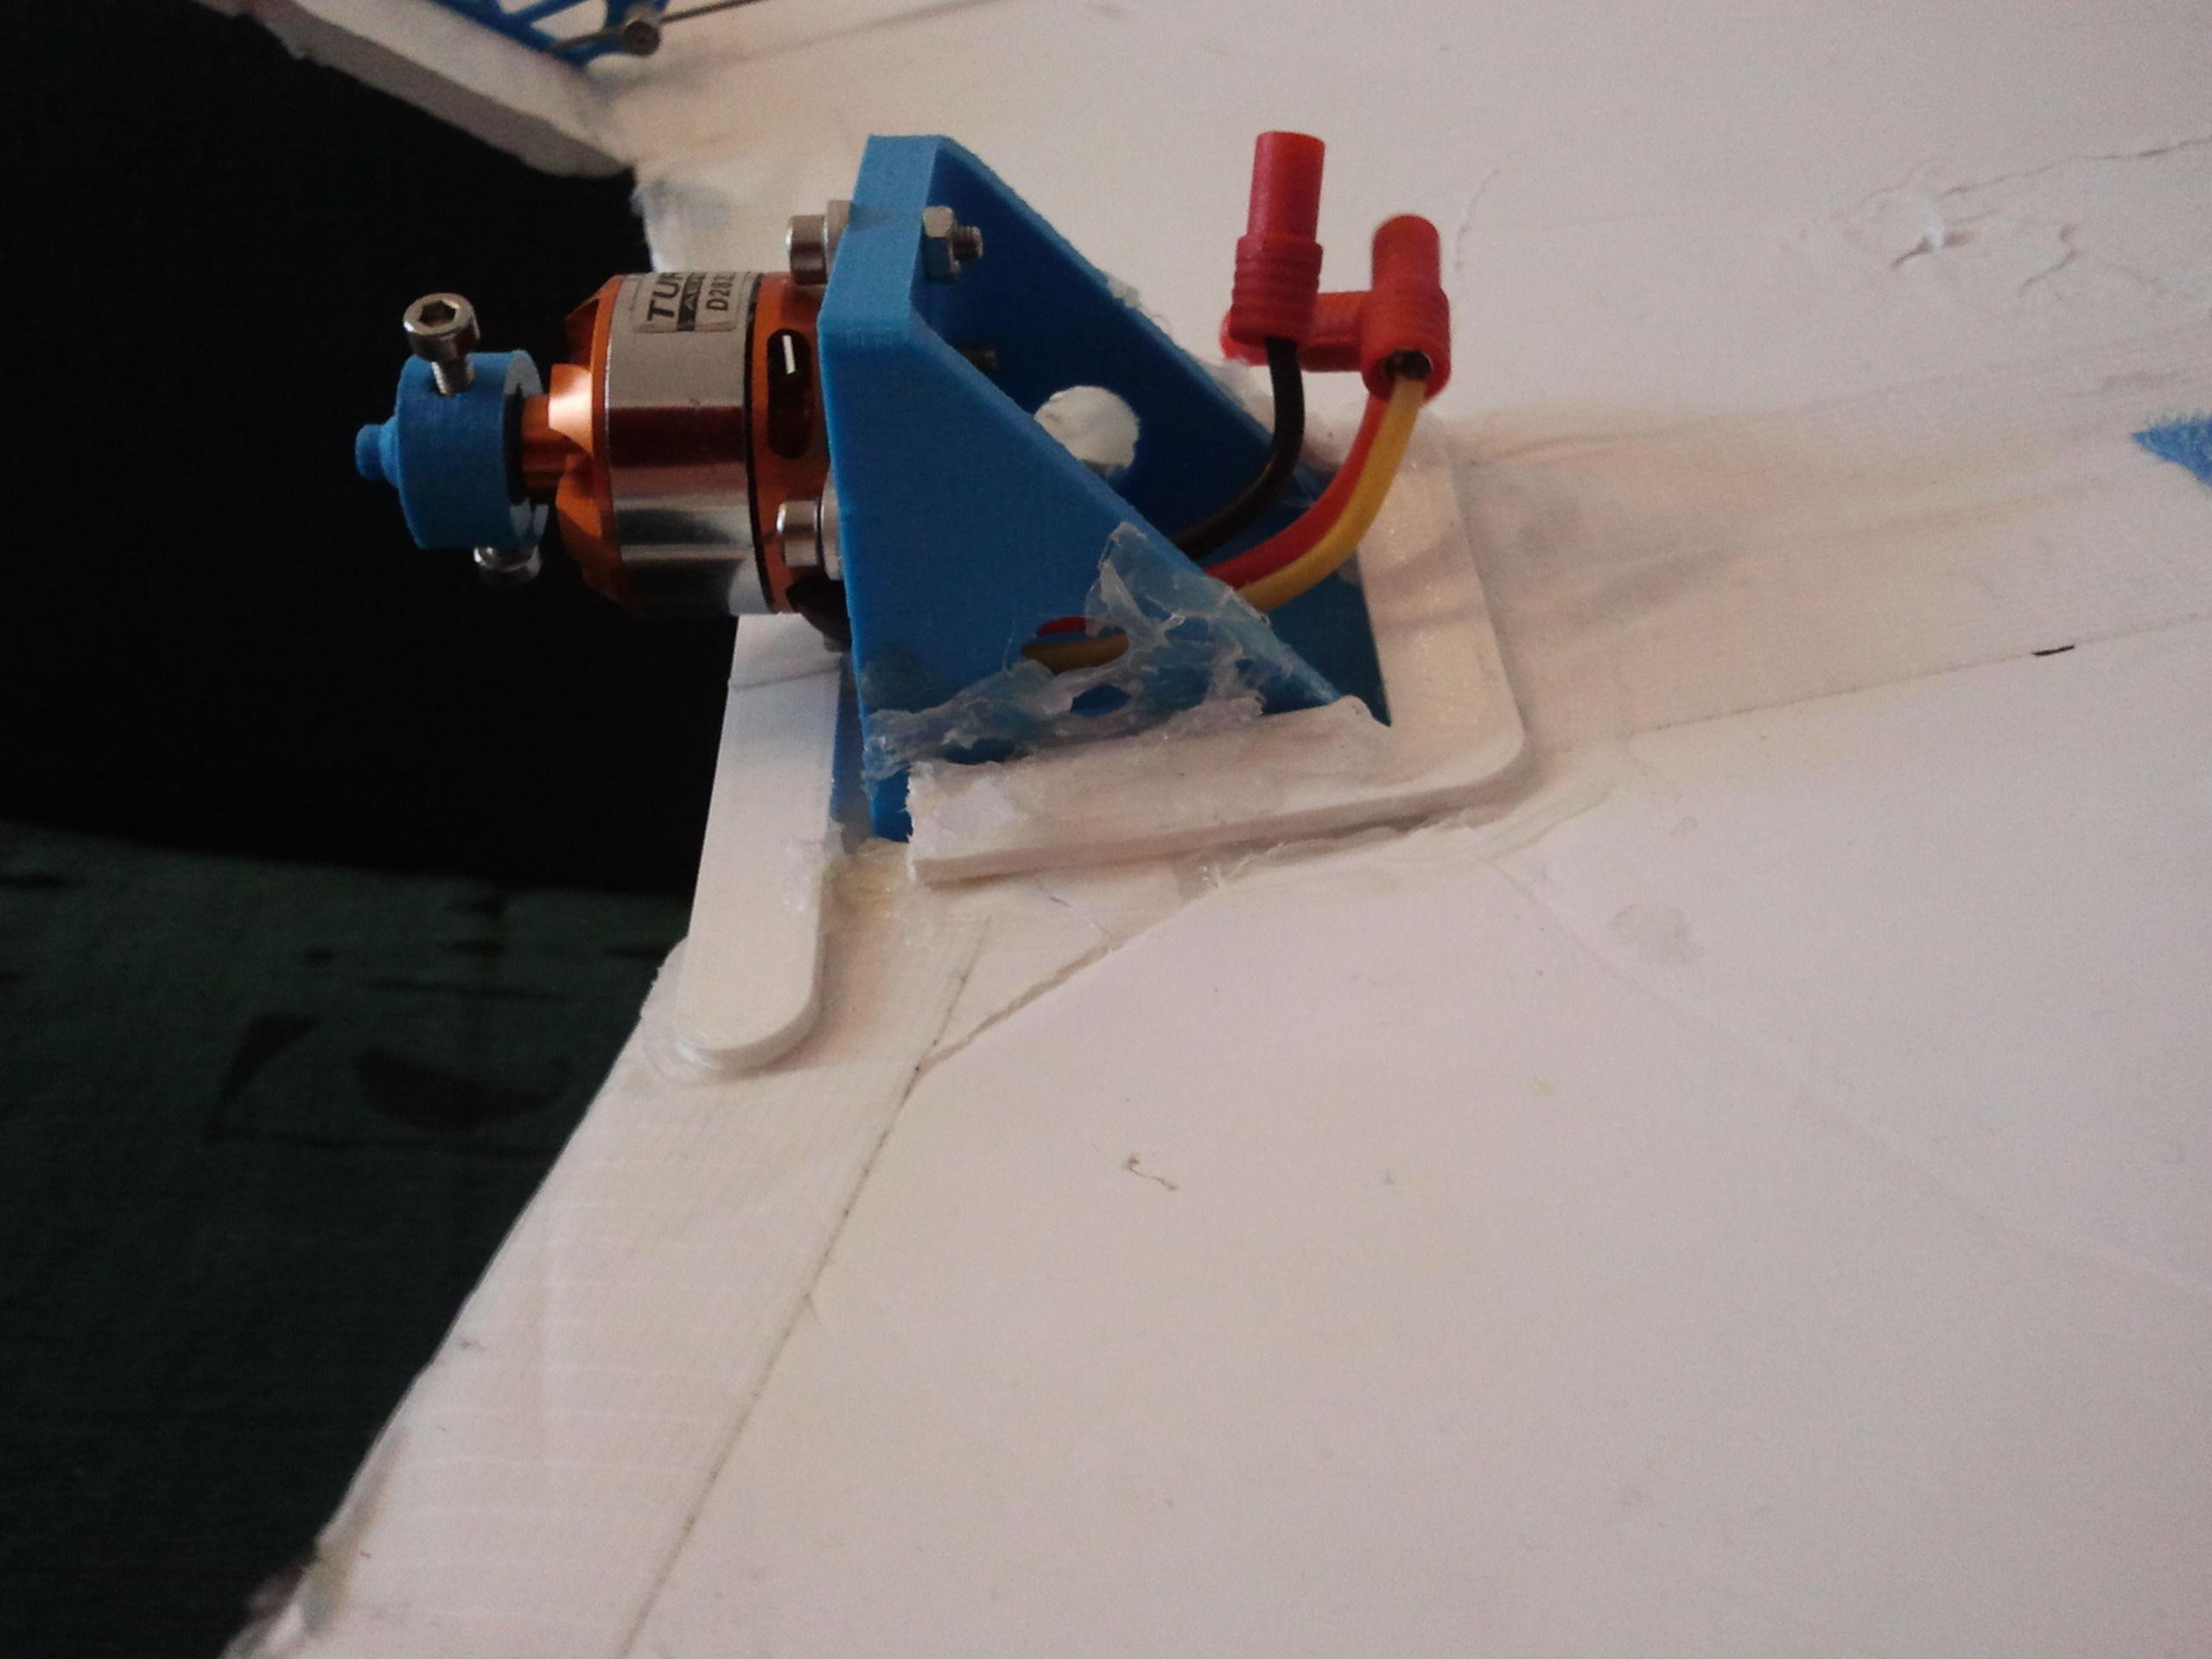 motor mount for pusher propeller RC plane eg Versa free 3D